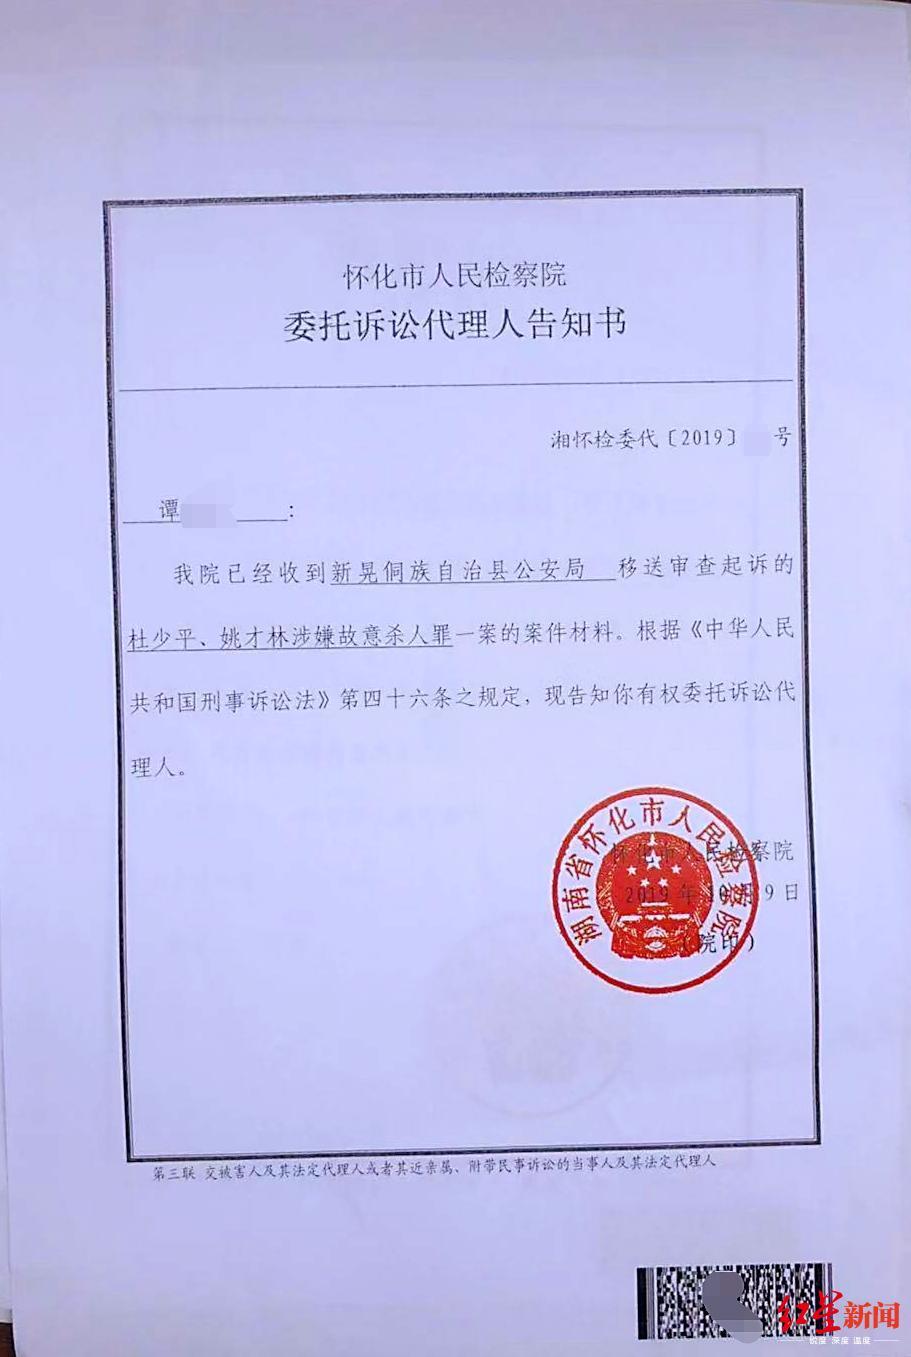 怀化市人民检察院已向邓世平家属发出《听取意见通知书》,可见落款日期为10月9日